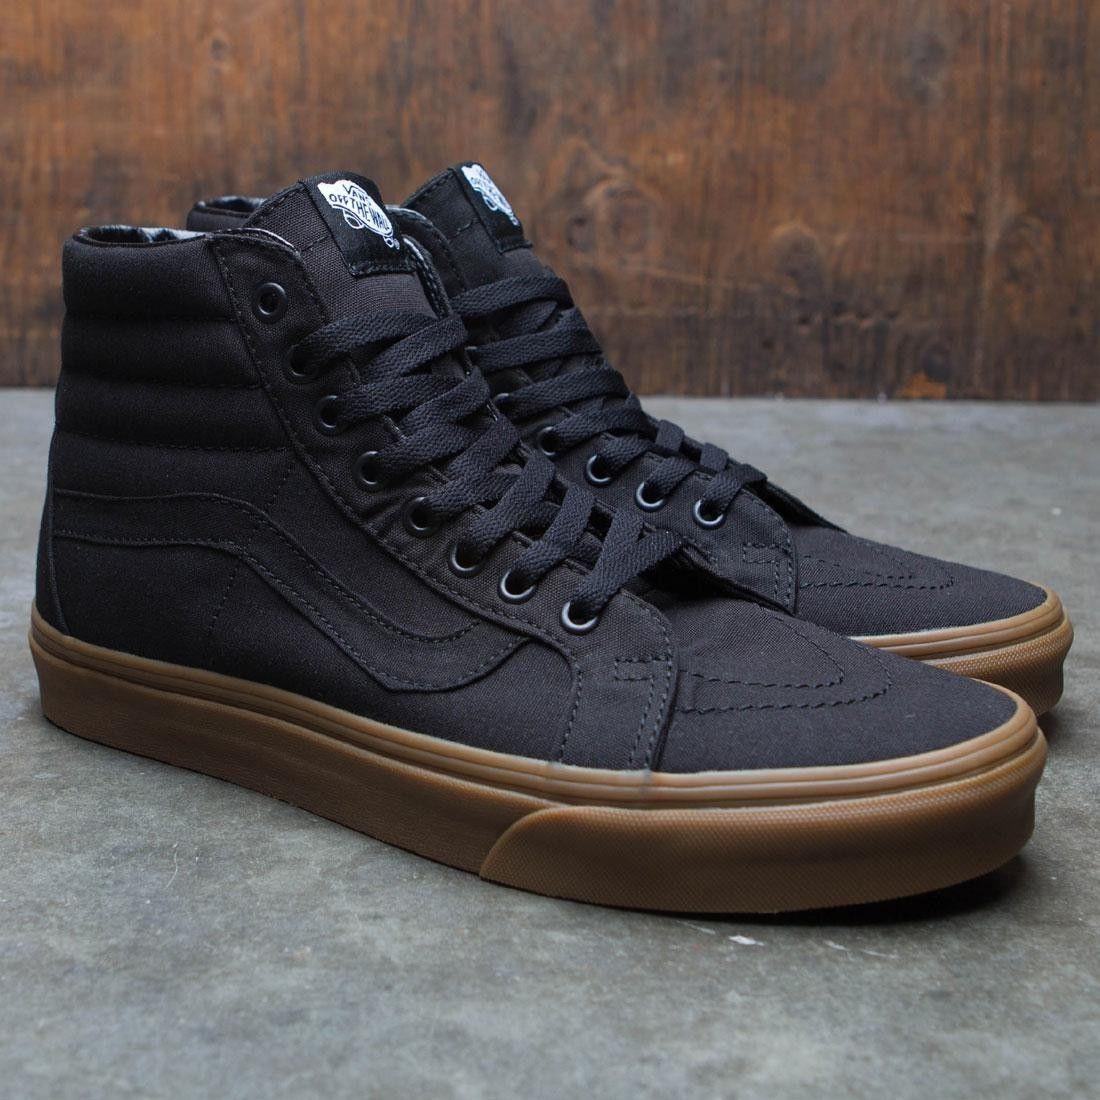 Vans Men Sk8 Hi Reissue Canvas Gum Black Sneakers Men Fashion Mens Vans Shoes Shoes Mens